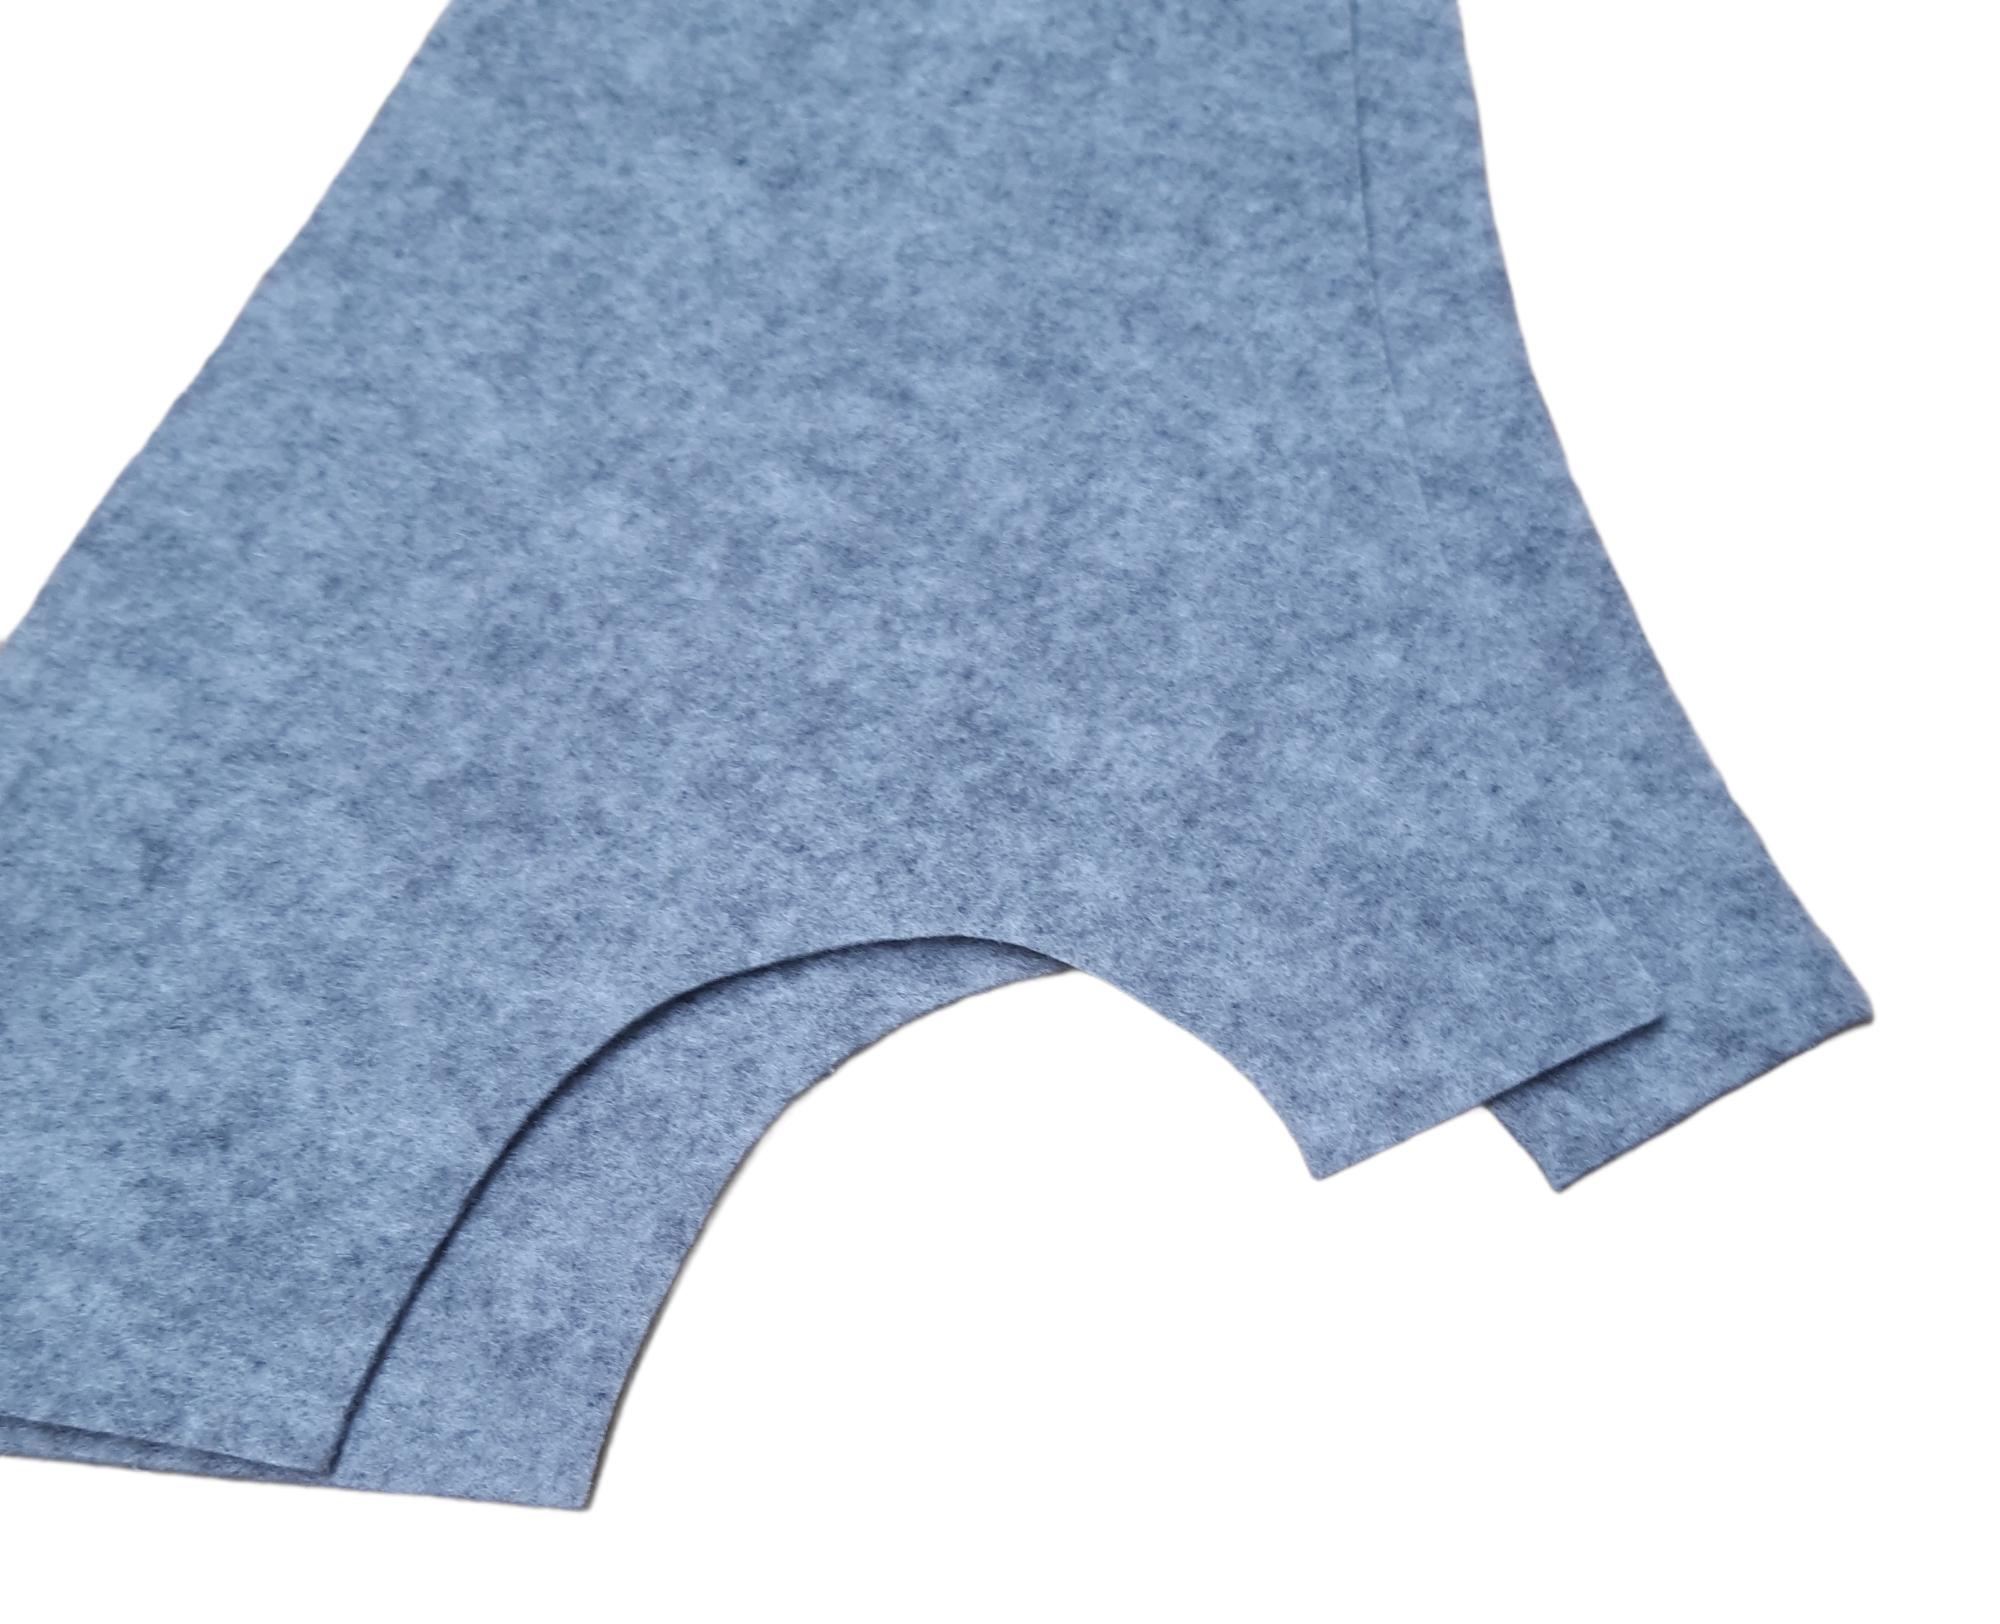 Seitenverkleidung Innen für 2CV aus unserem grauem Konturvlies